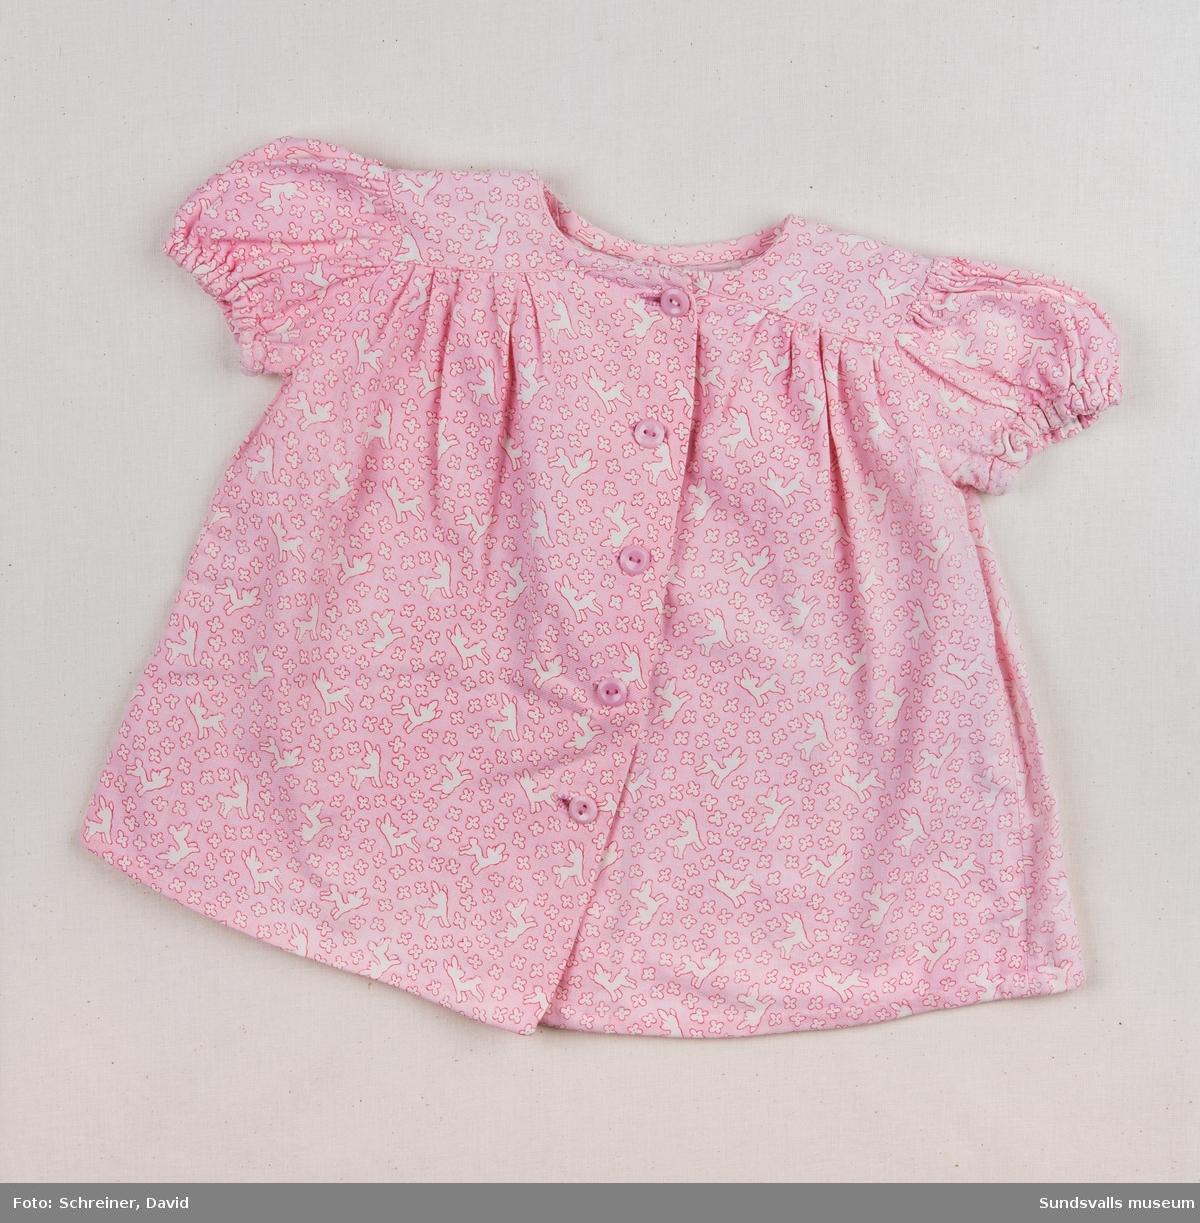 En rosa flickklänning i  småmönstrad bomull.  Klänningen är  är skuren strax nedanför axeln och knäpps framtill med fem stycken rosa plastknappar.